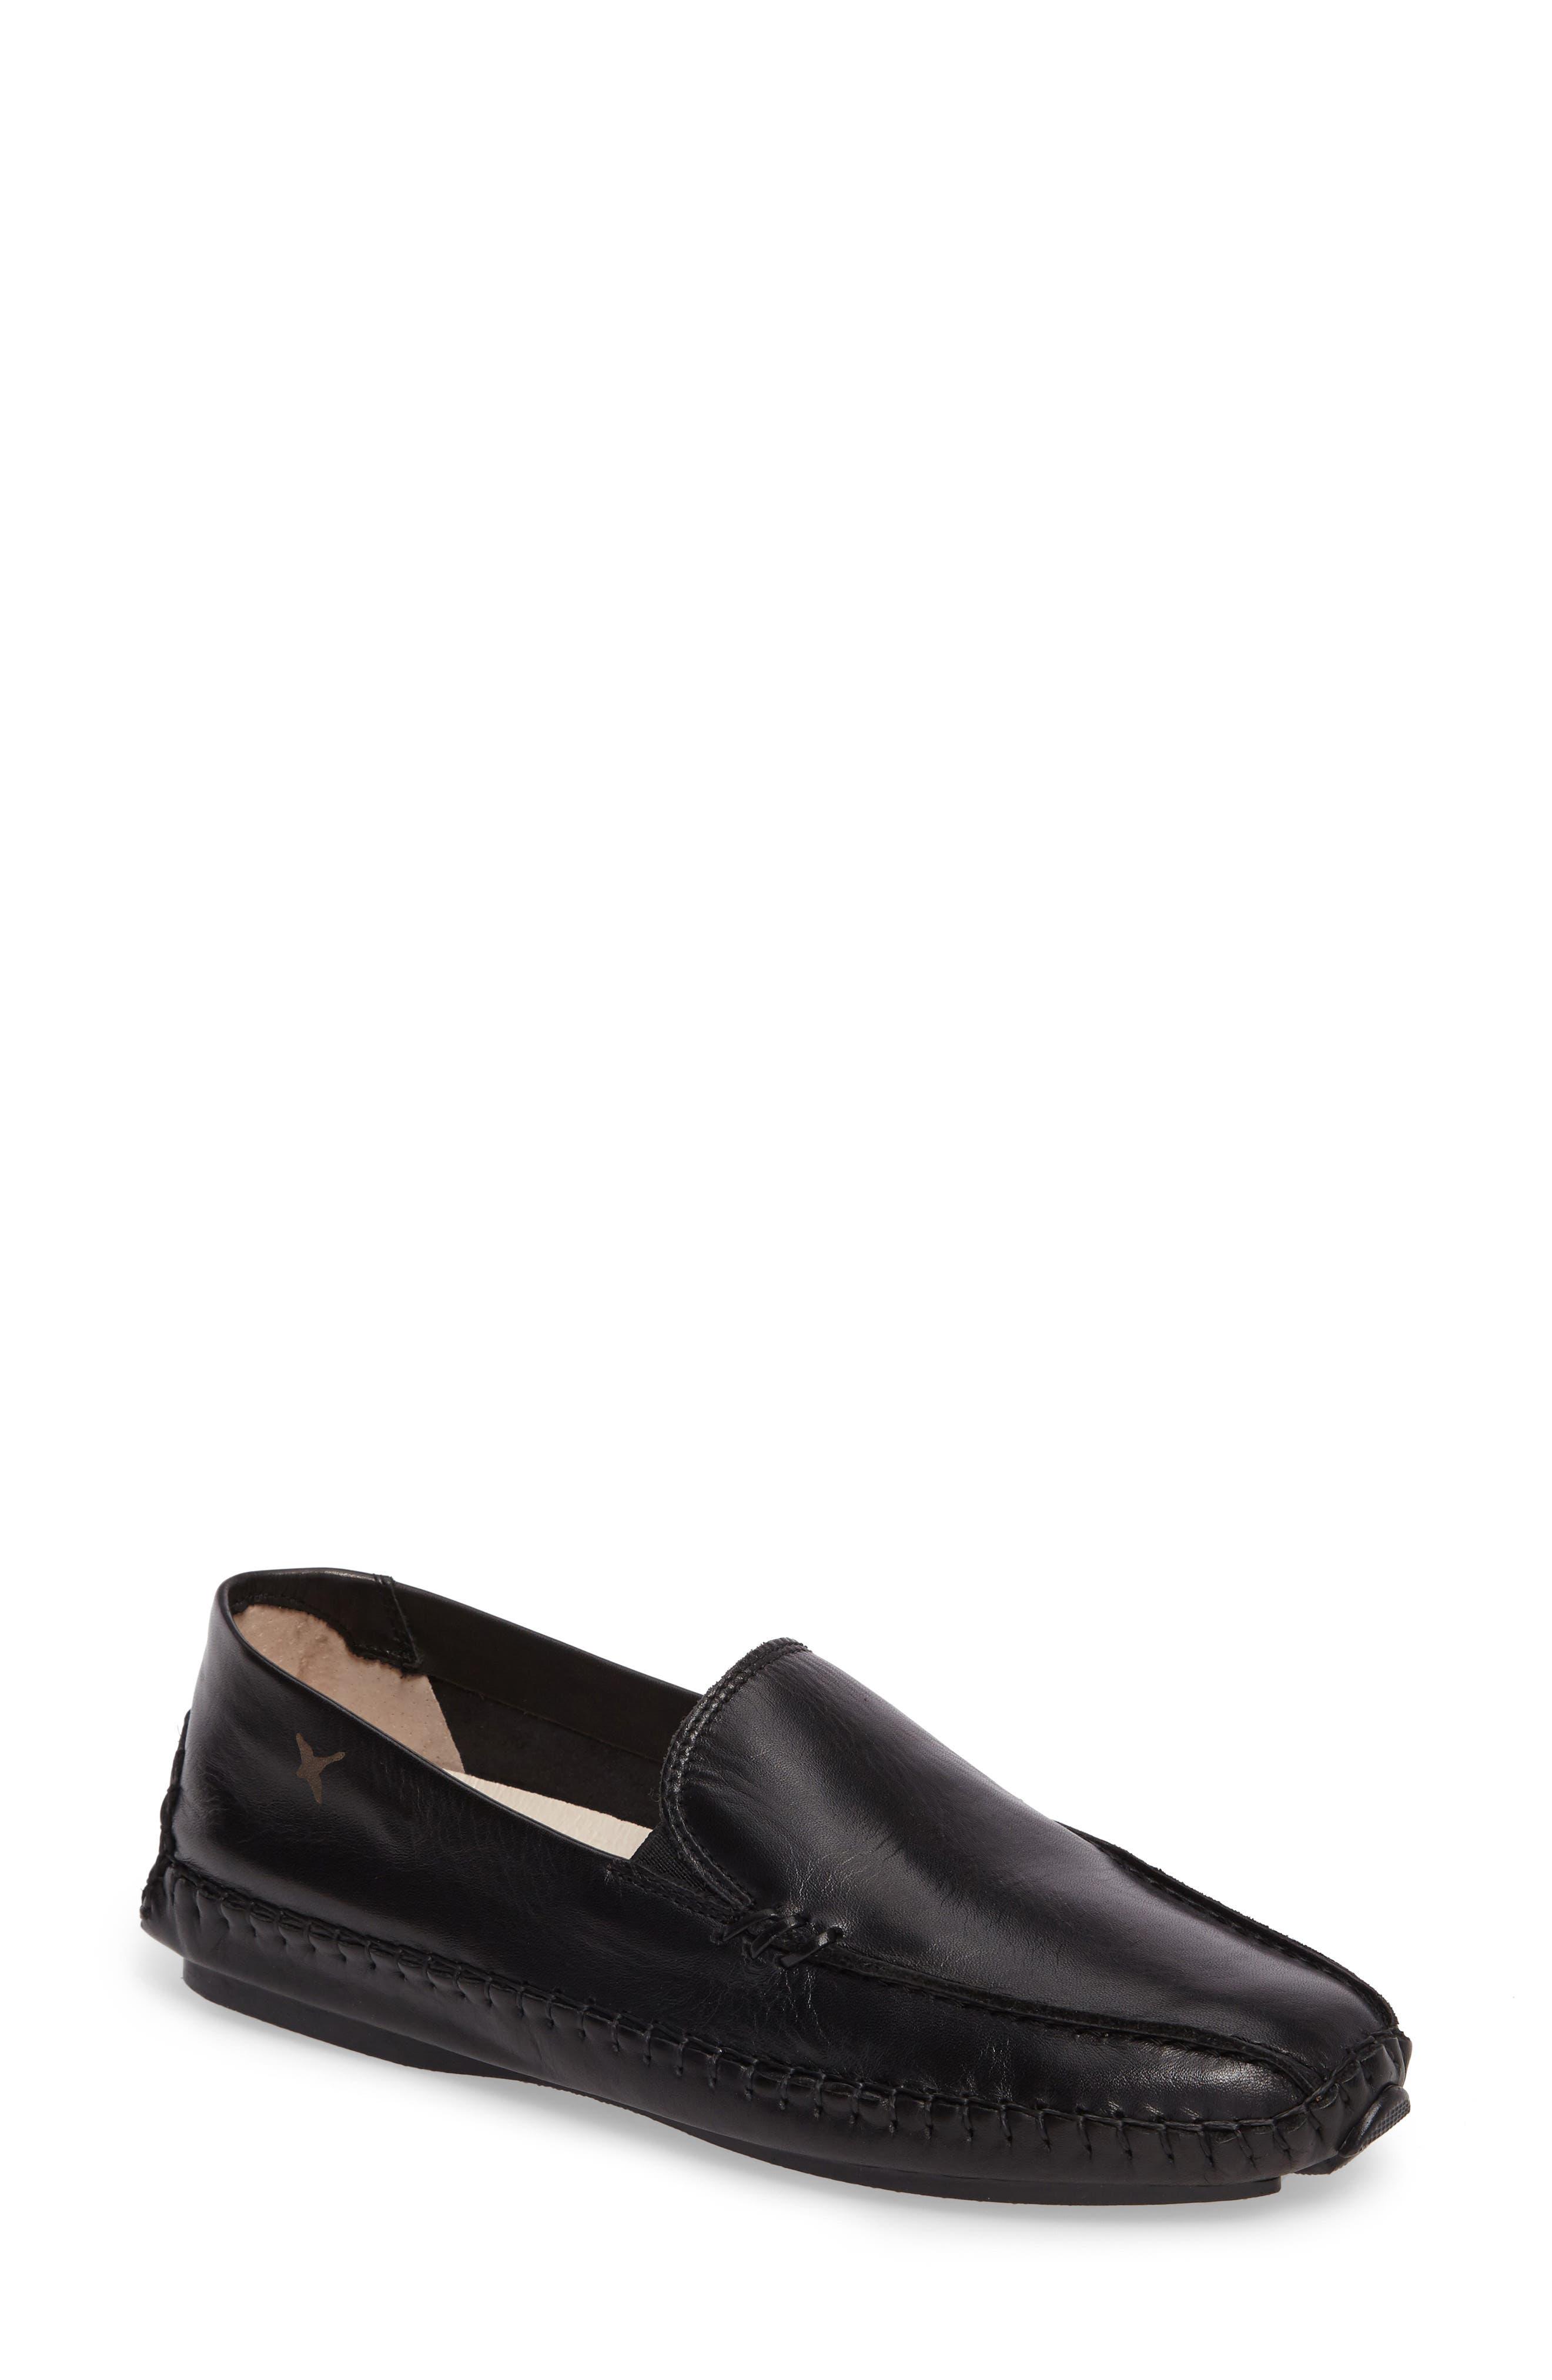 Jerez Loafer,                         Main,                         color, BLACK LEATHER